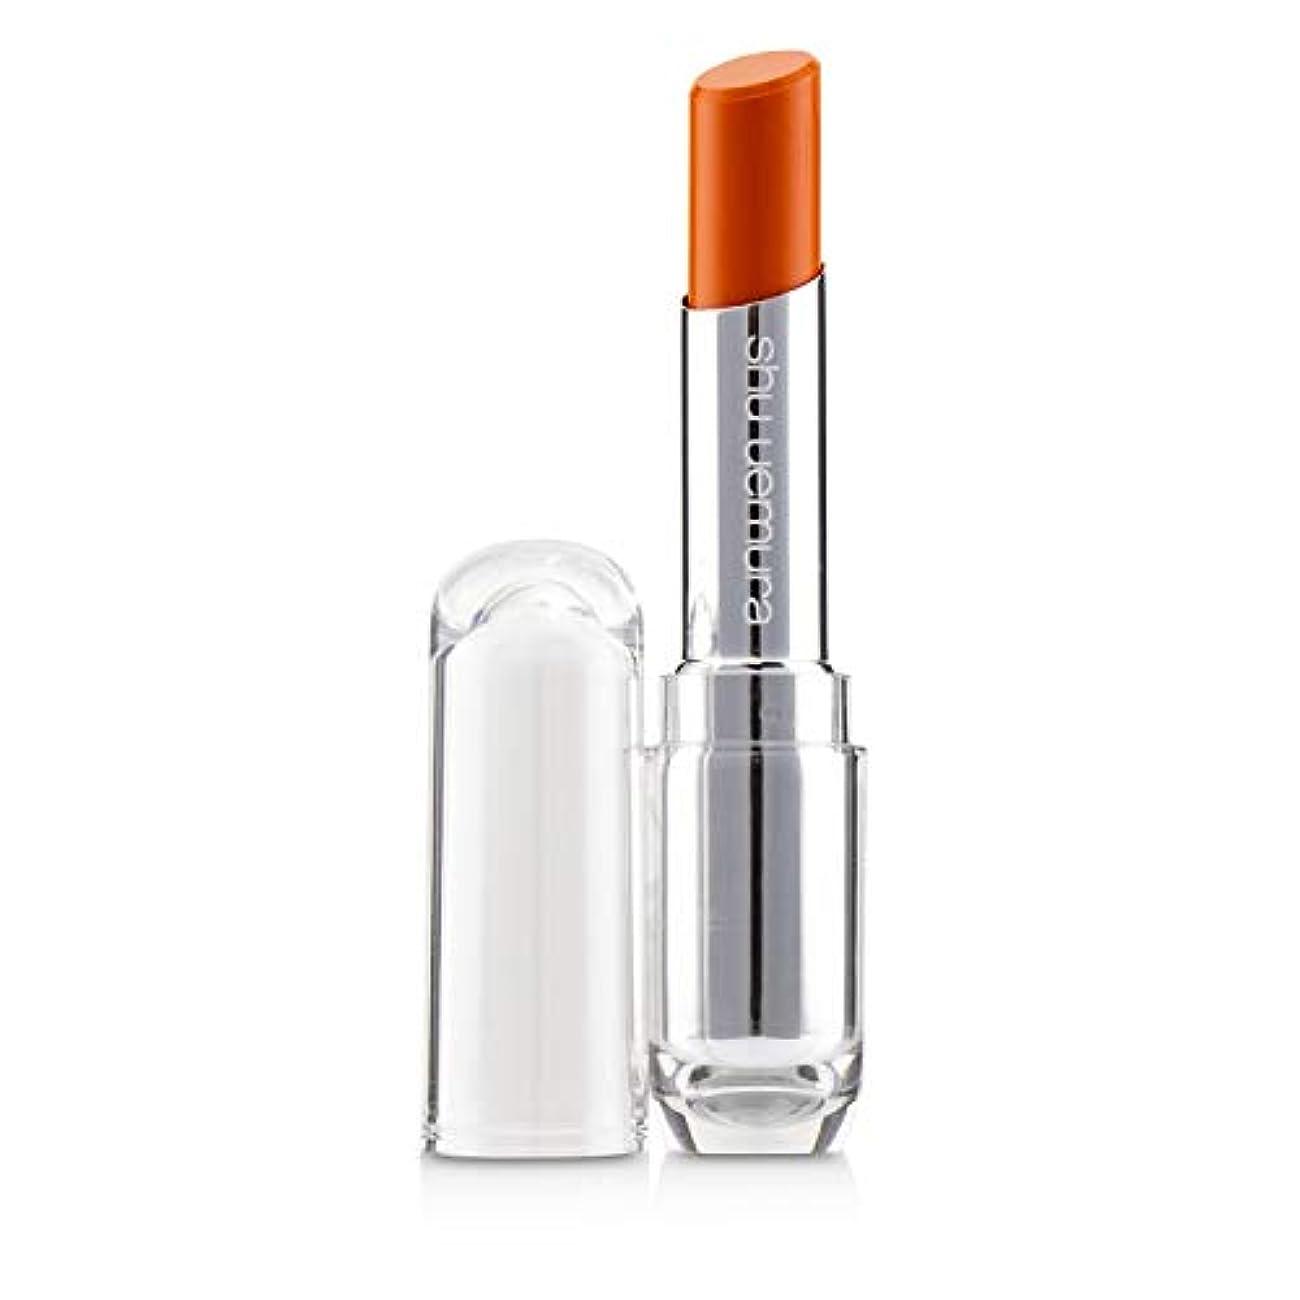 シュウウエムラ Rouge Unlimited Sheer Shine Lipstick - # S OR 550 3.2g/0.01oz並行輸入品